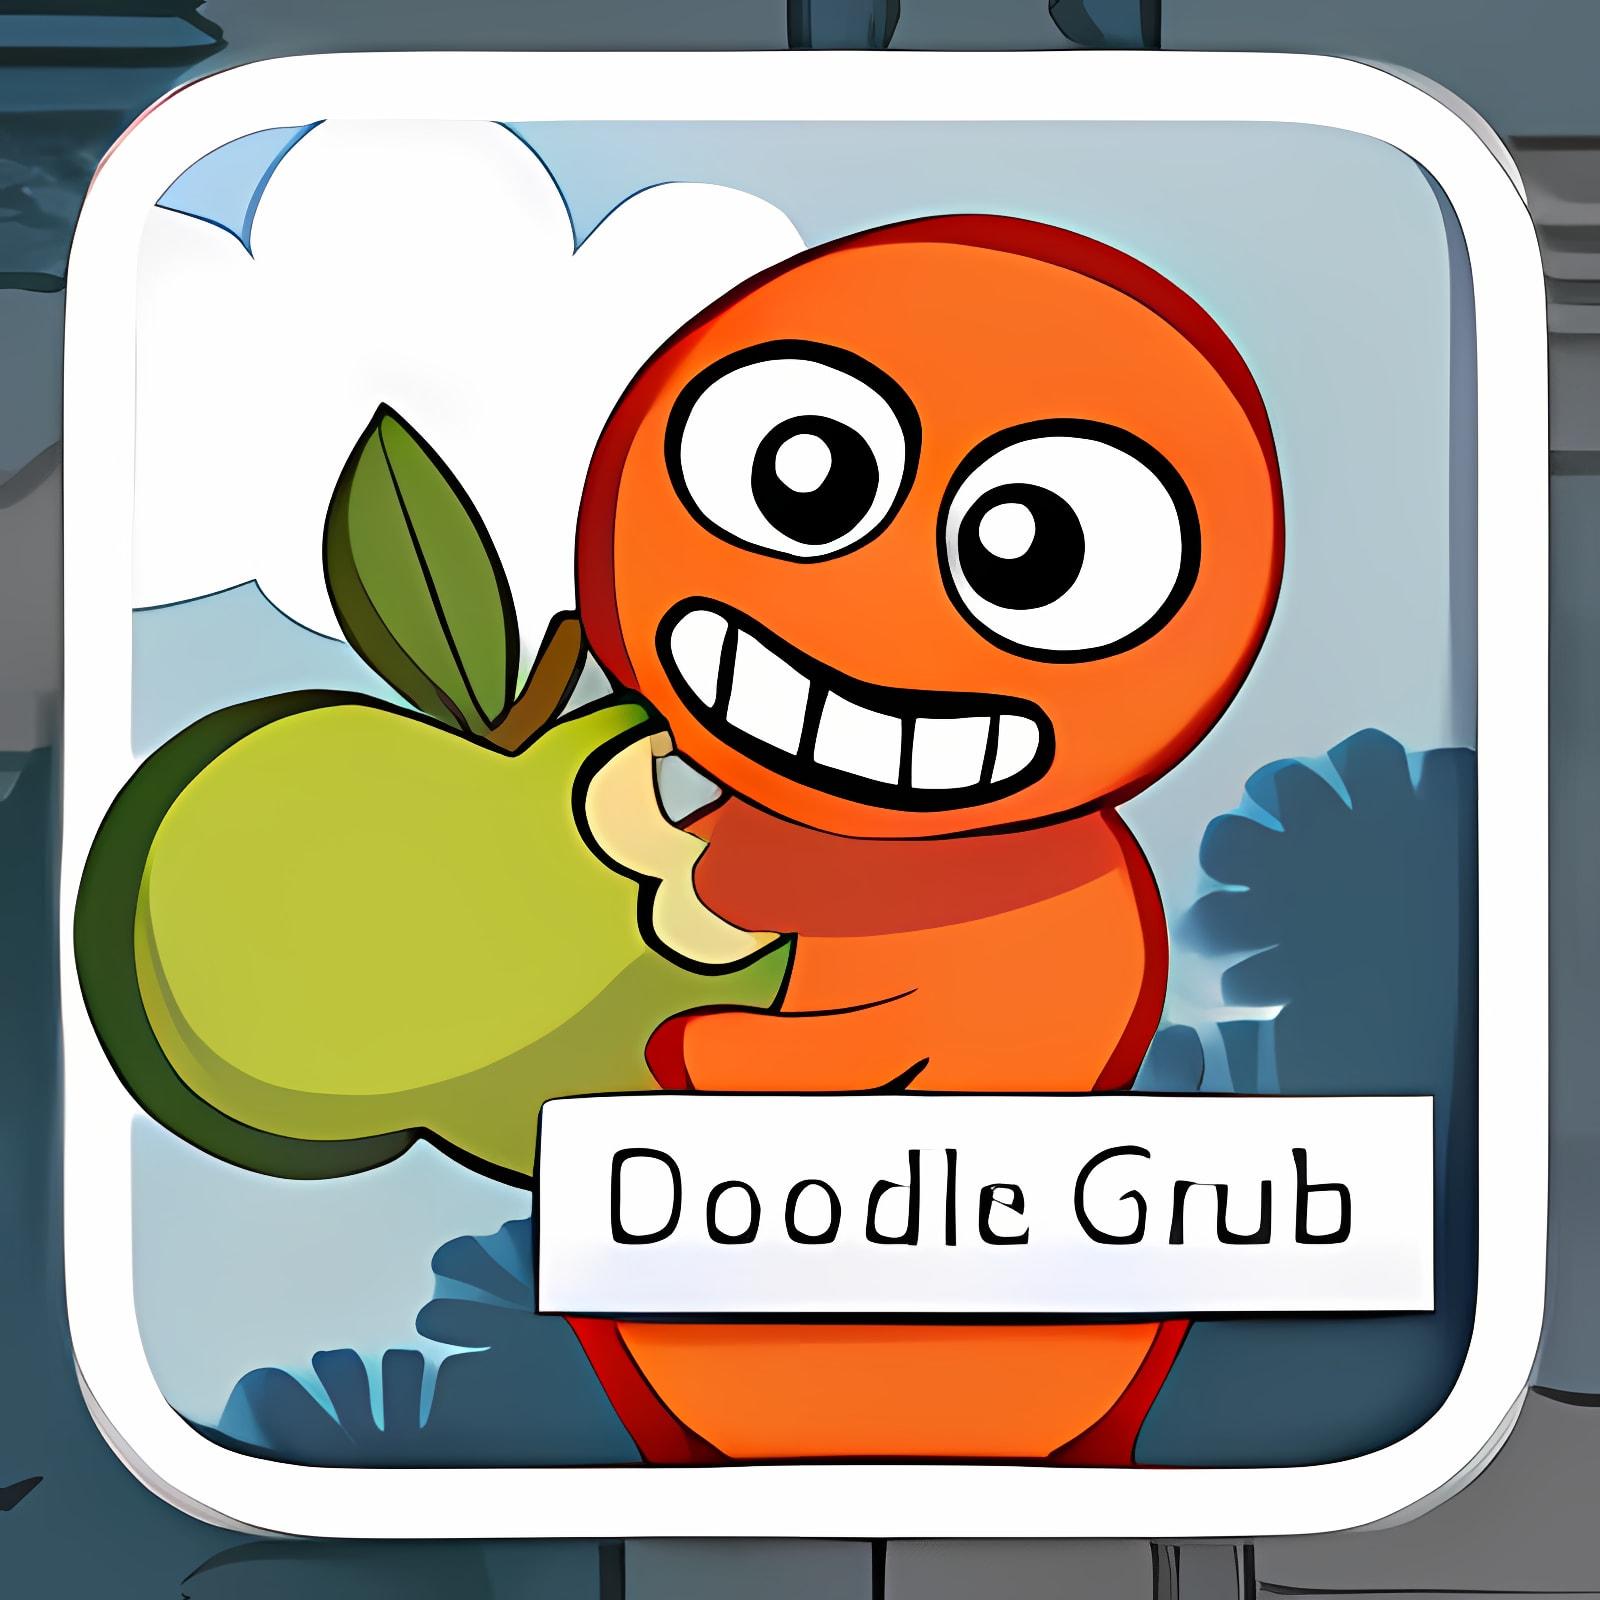 Doodle Grub pour Windows 10